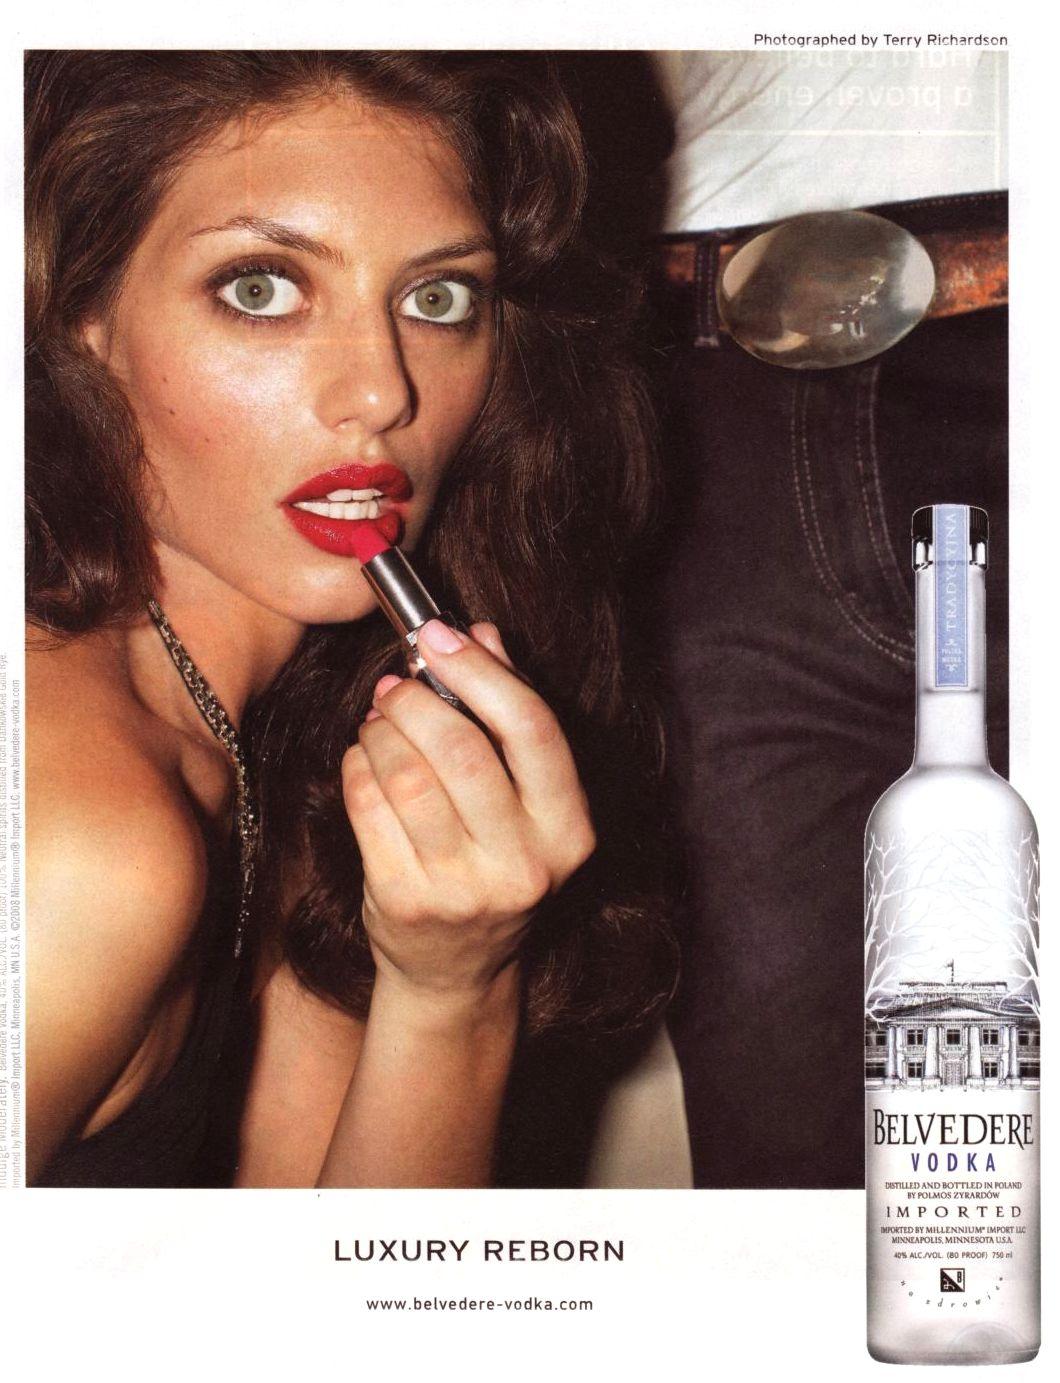 Belvedere vodka ad analysis essay